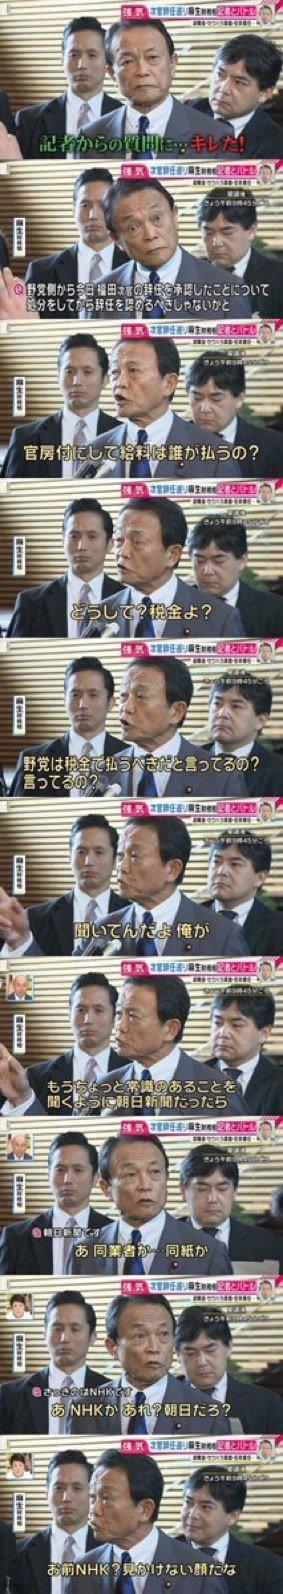 麻生太郎さん「朝日がいくら安倍さんを攻撃しても、若い人はもう新聞を読んでいませんよw」